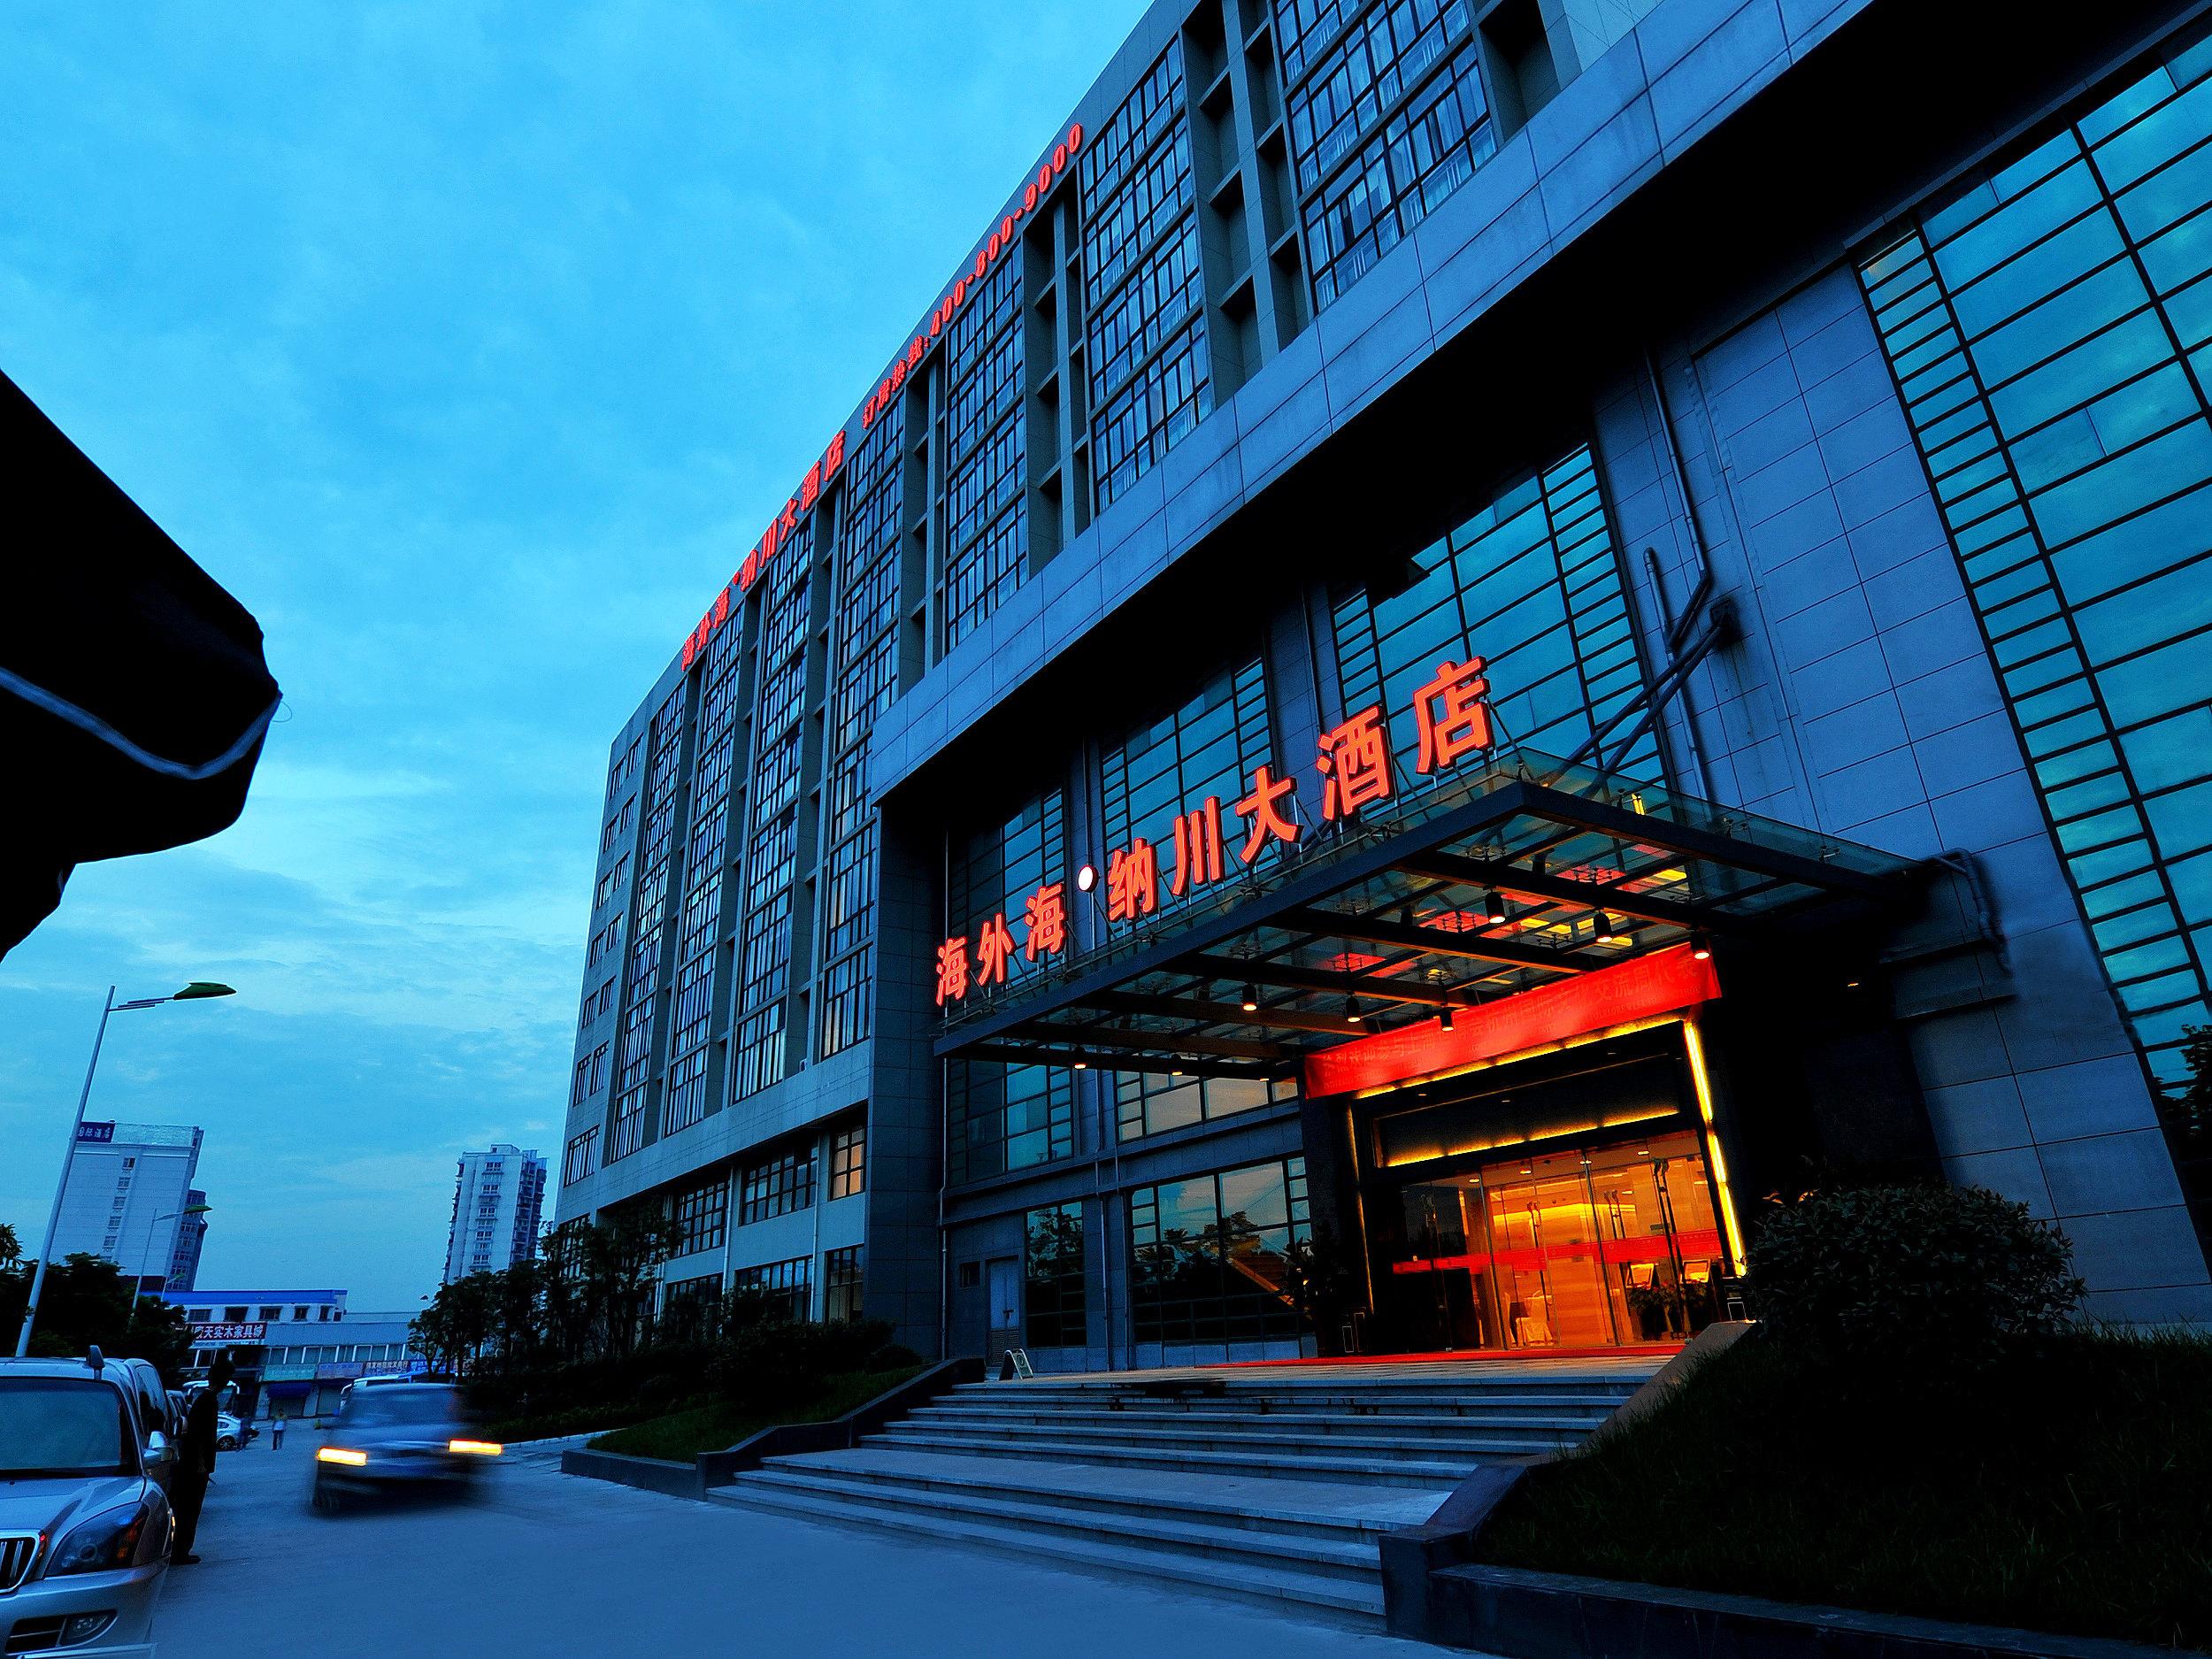 杭州海外海纳川大酒店酒吧